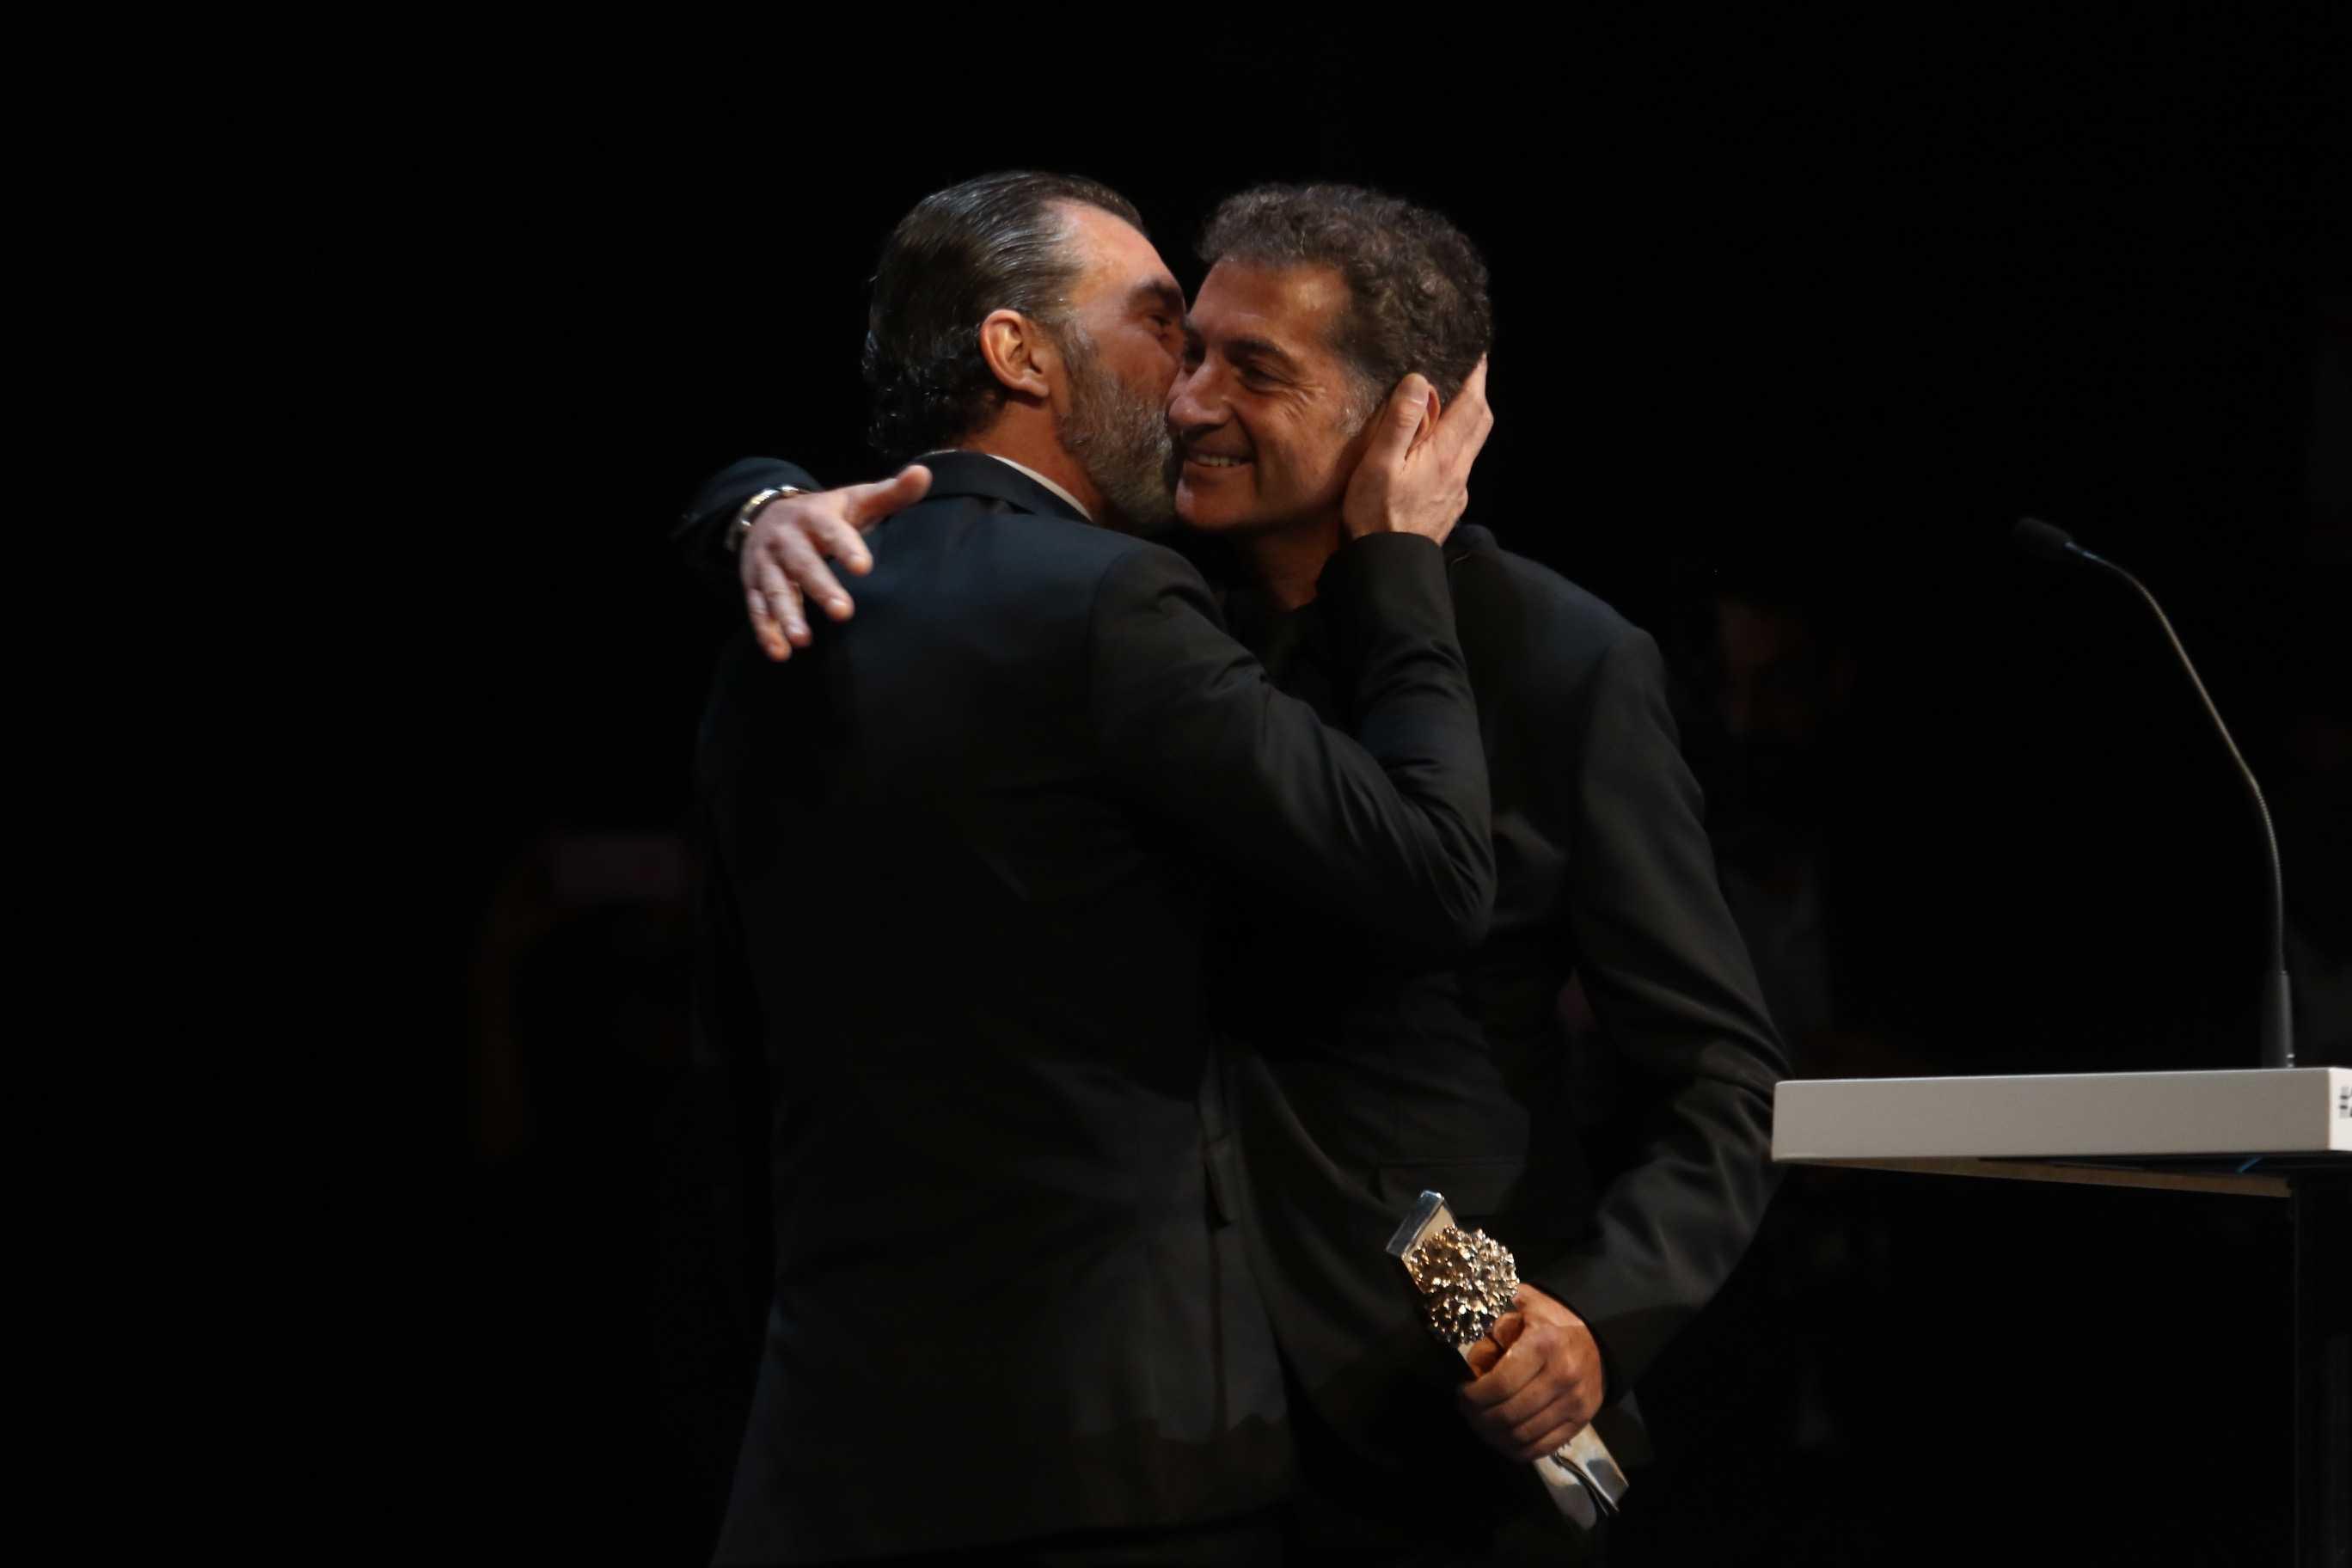 Antonio Banderas recibe la biznaga de oro Honorifica en el festiva de cine de Malaga